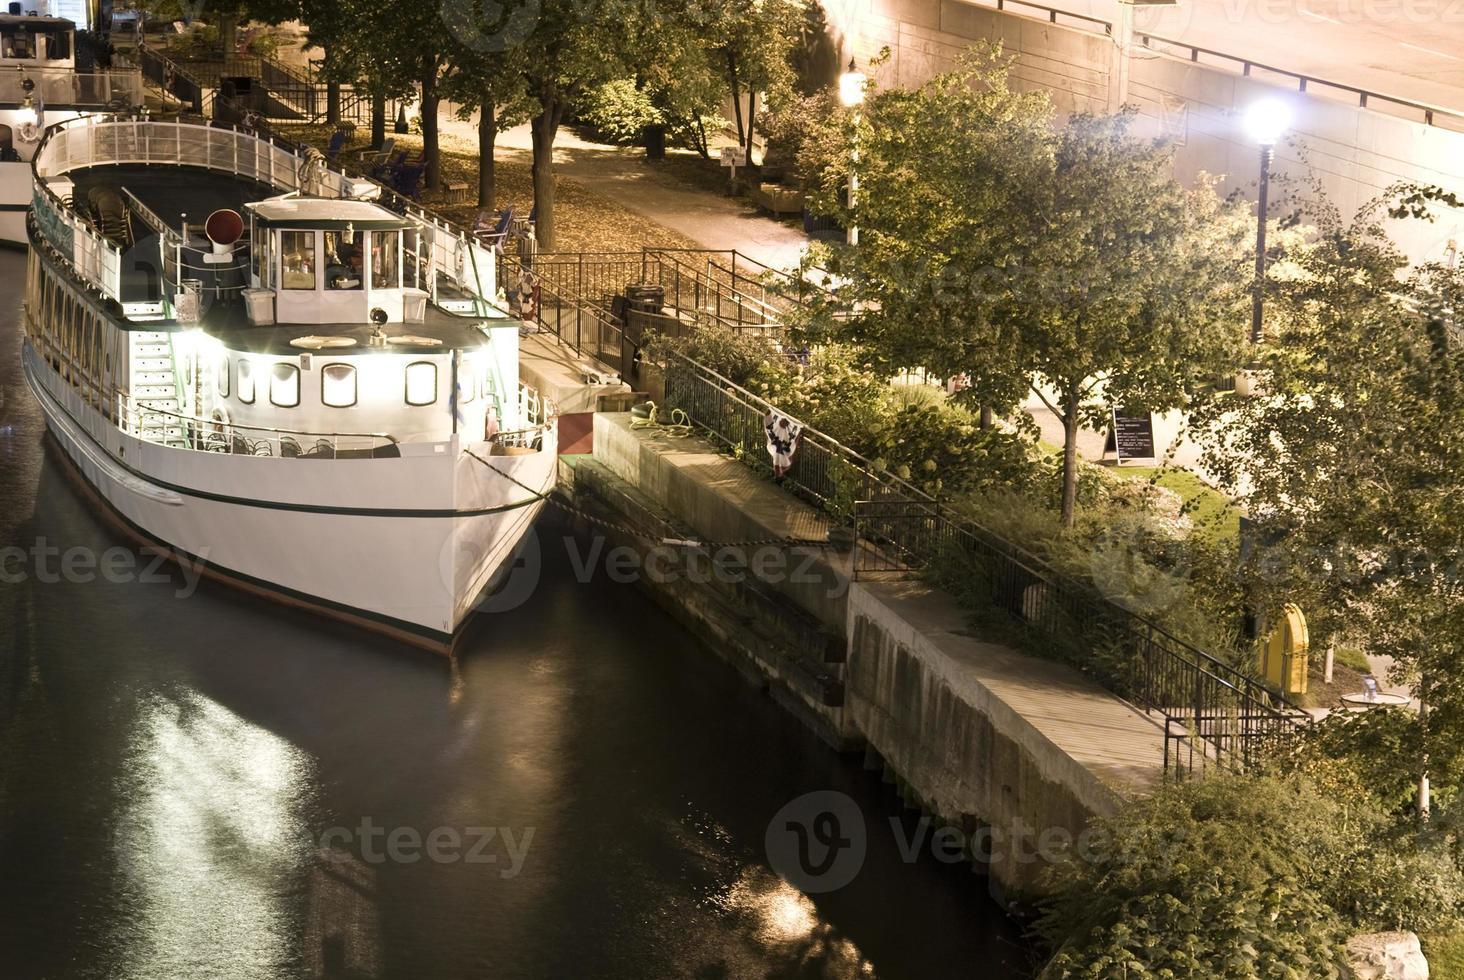 barco no rio chicago no meio da noite foto